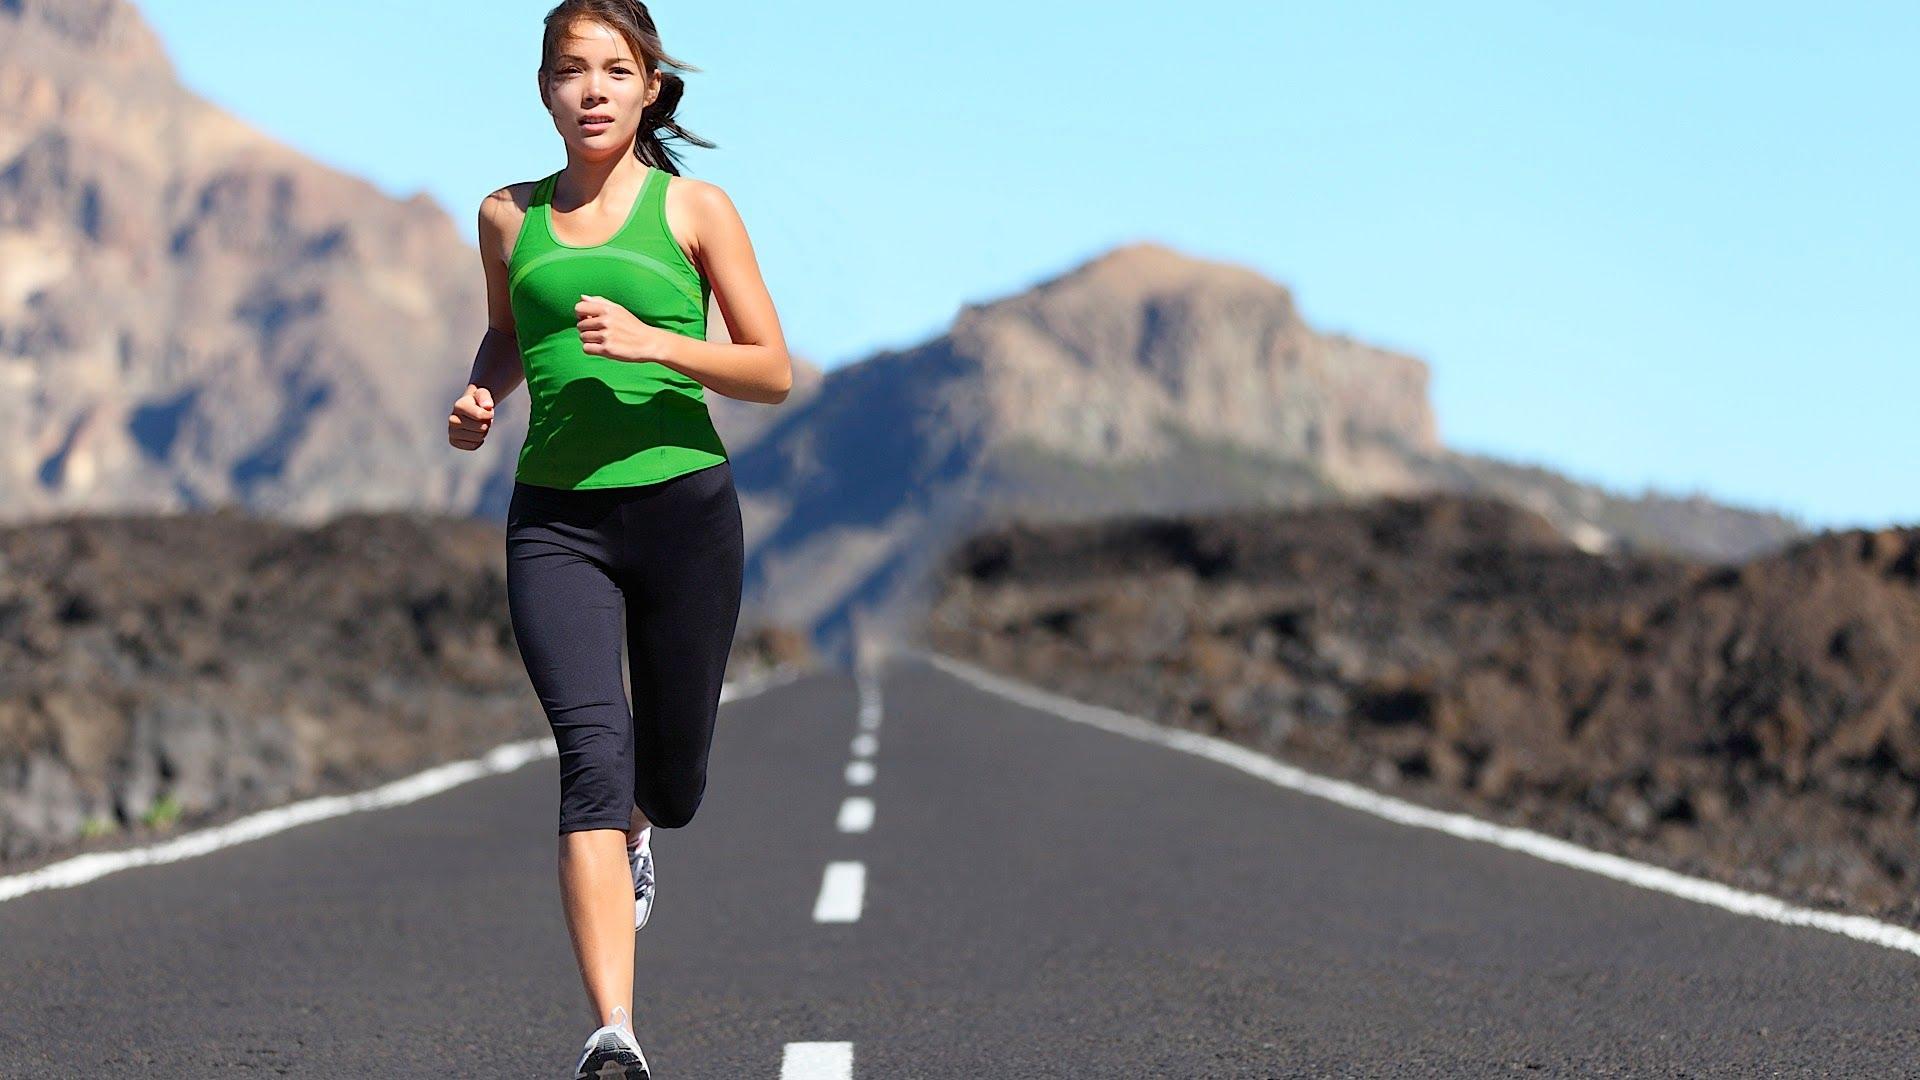 Runner Injury Prevention